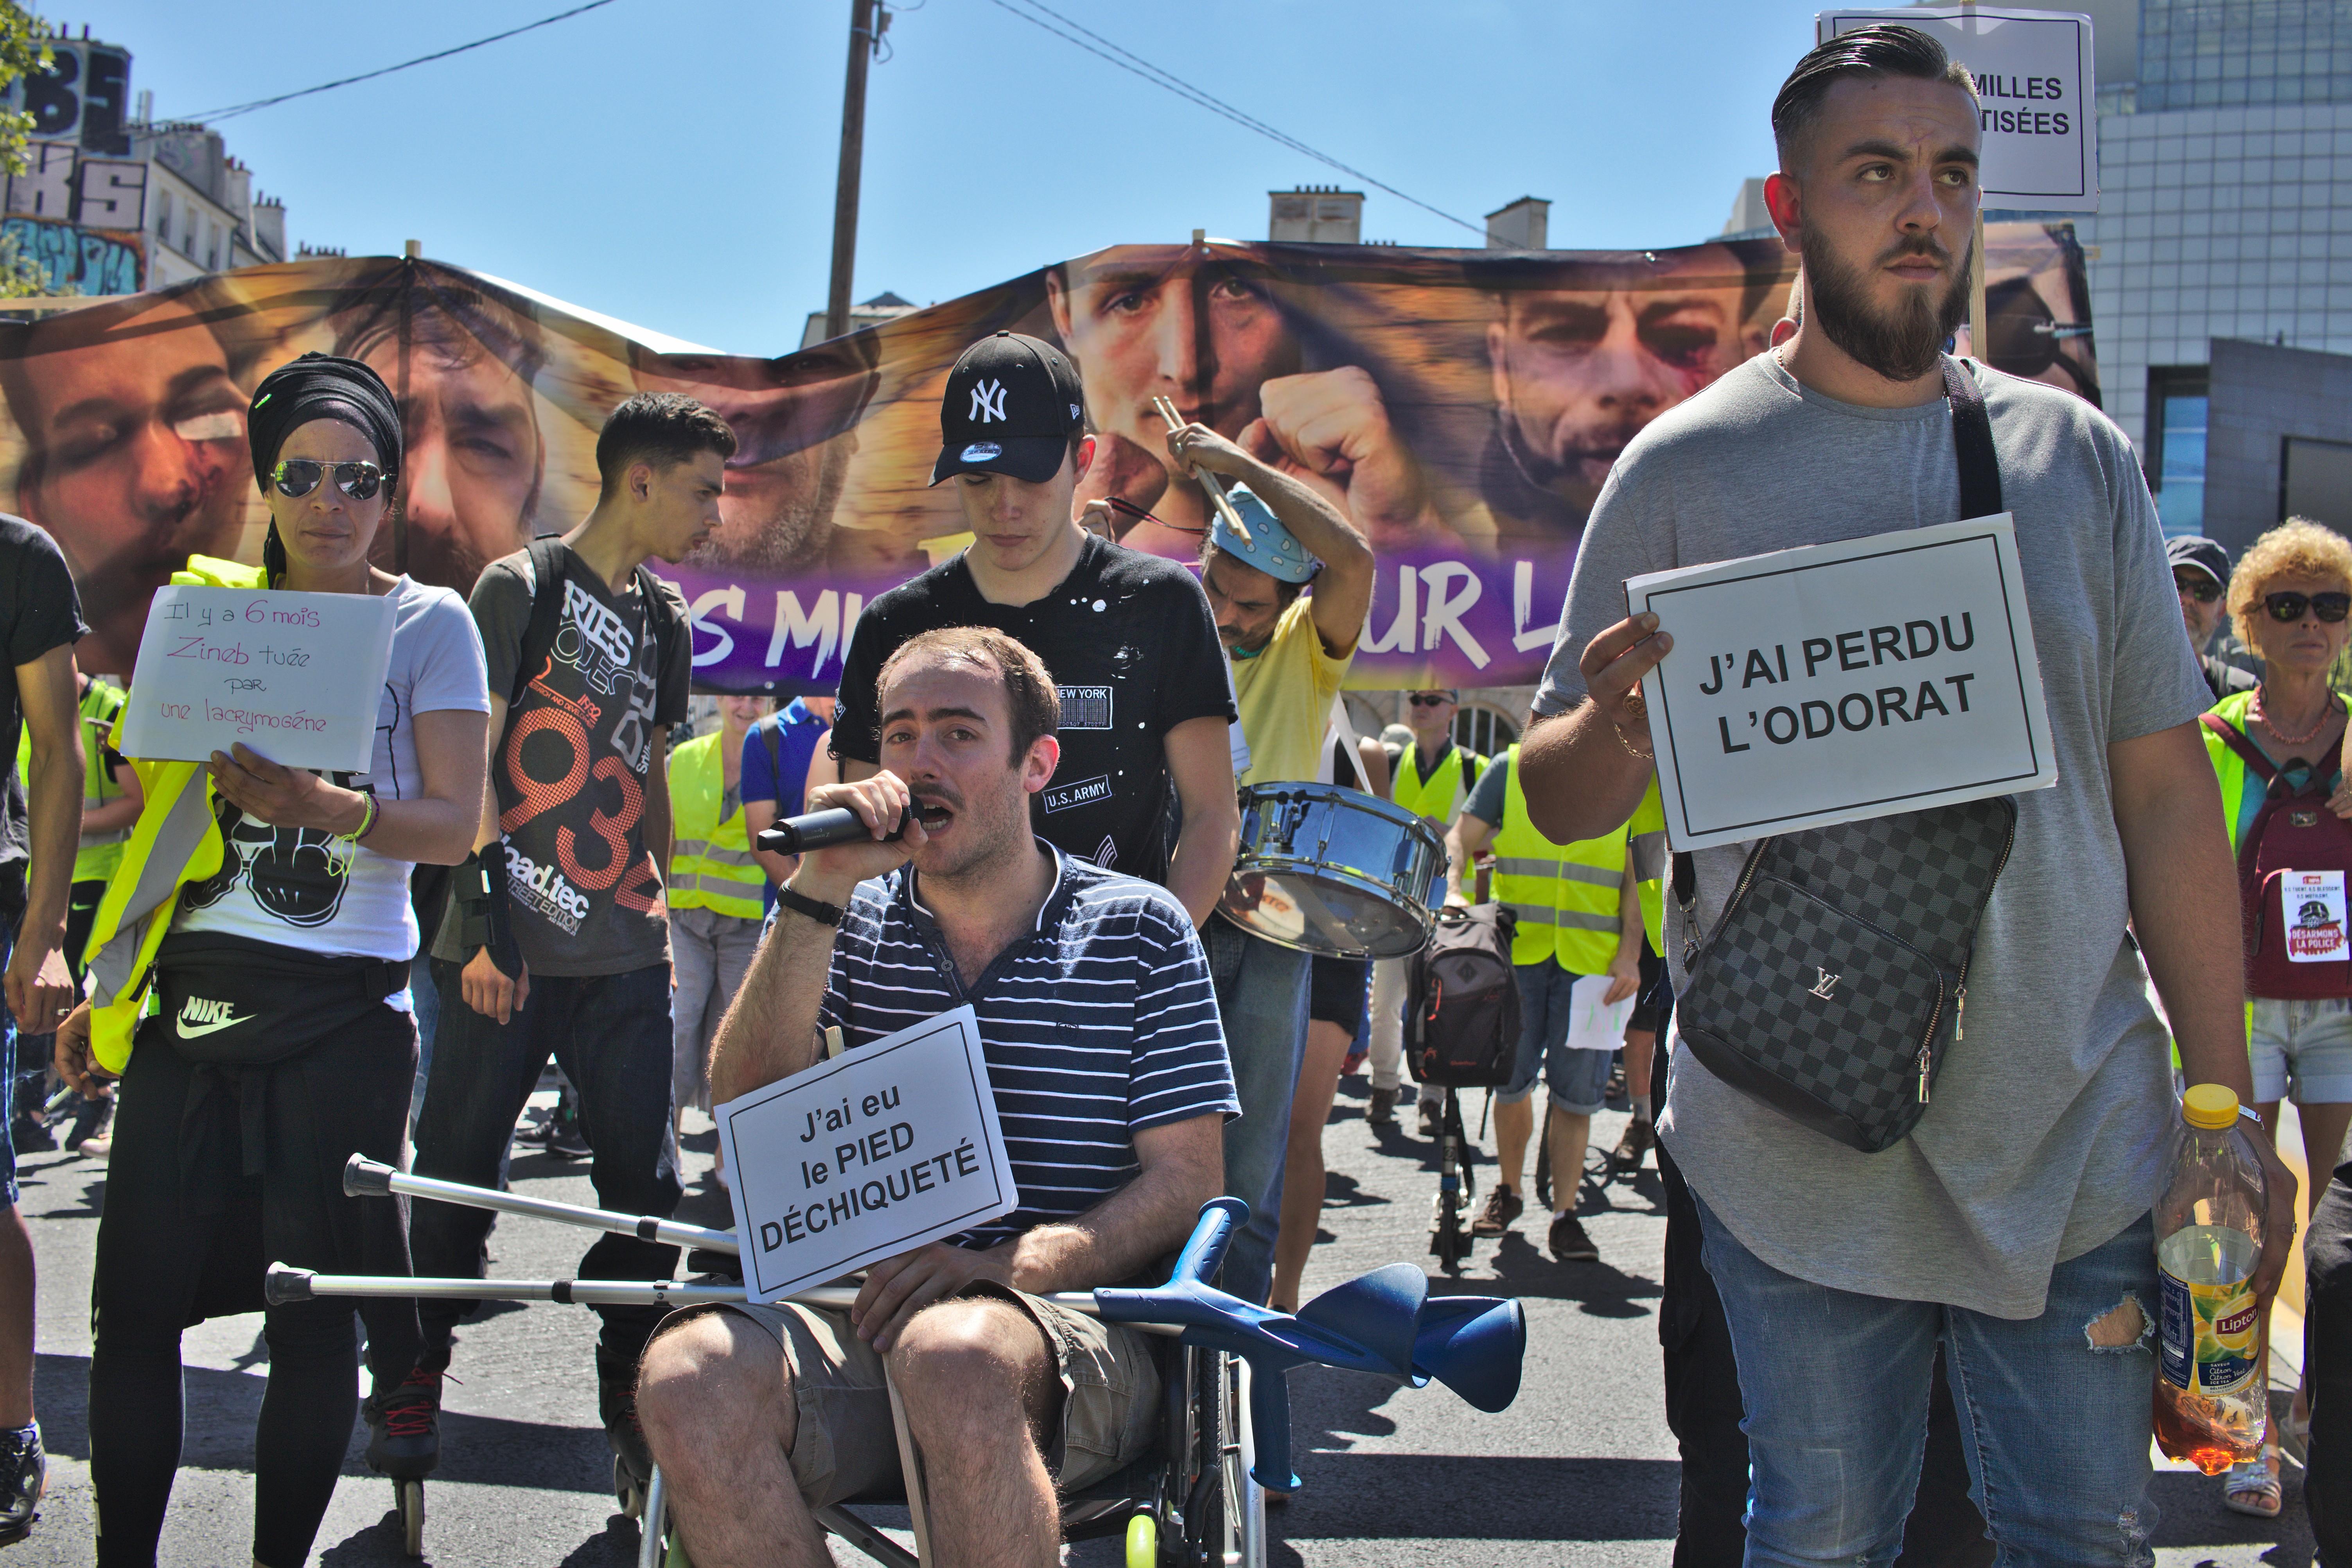 Les blessé.es défilent à la marche des mutilés le 2 juin à Paris. Photographie : Pierre-Olivier Chaput pour Radio Parleur.